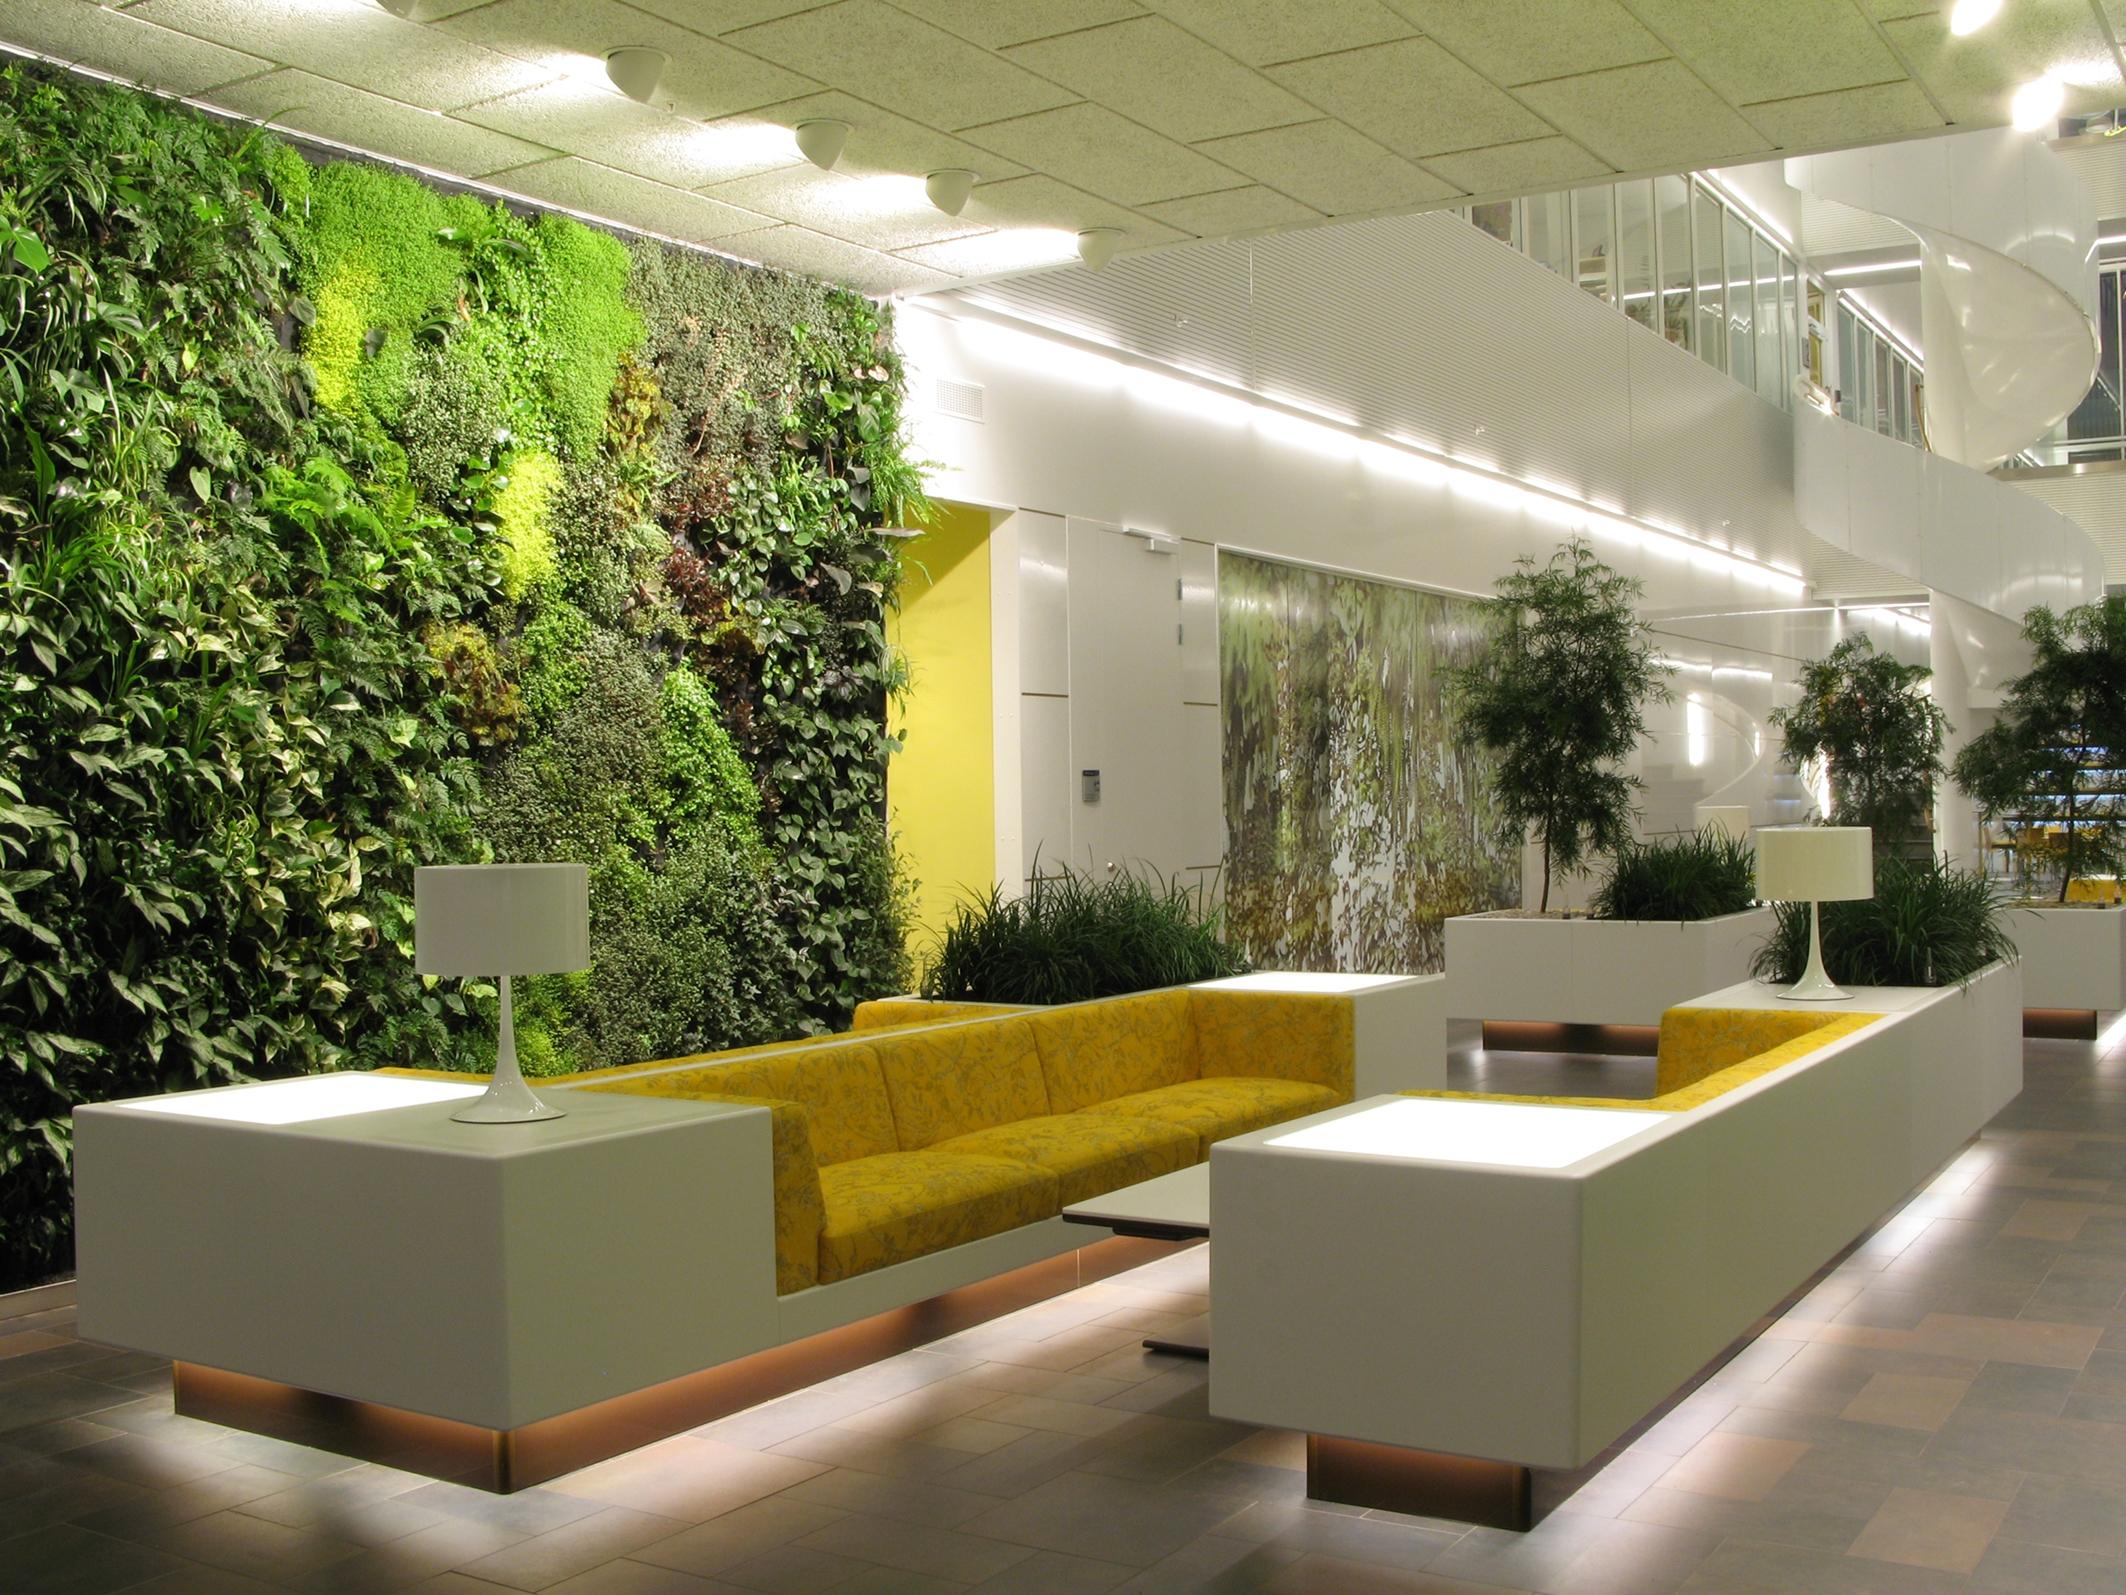 Living Room Ideas For An Interior Garden